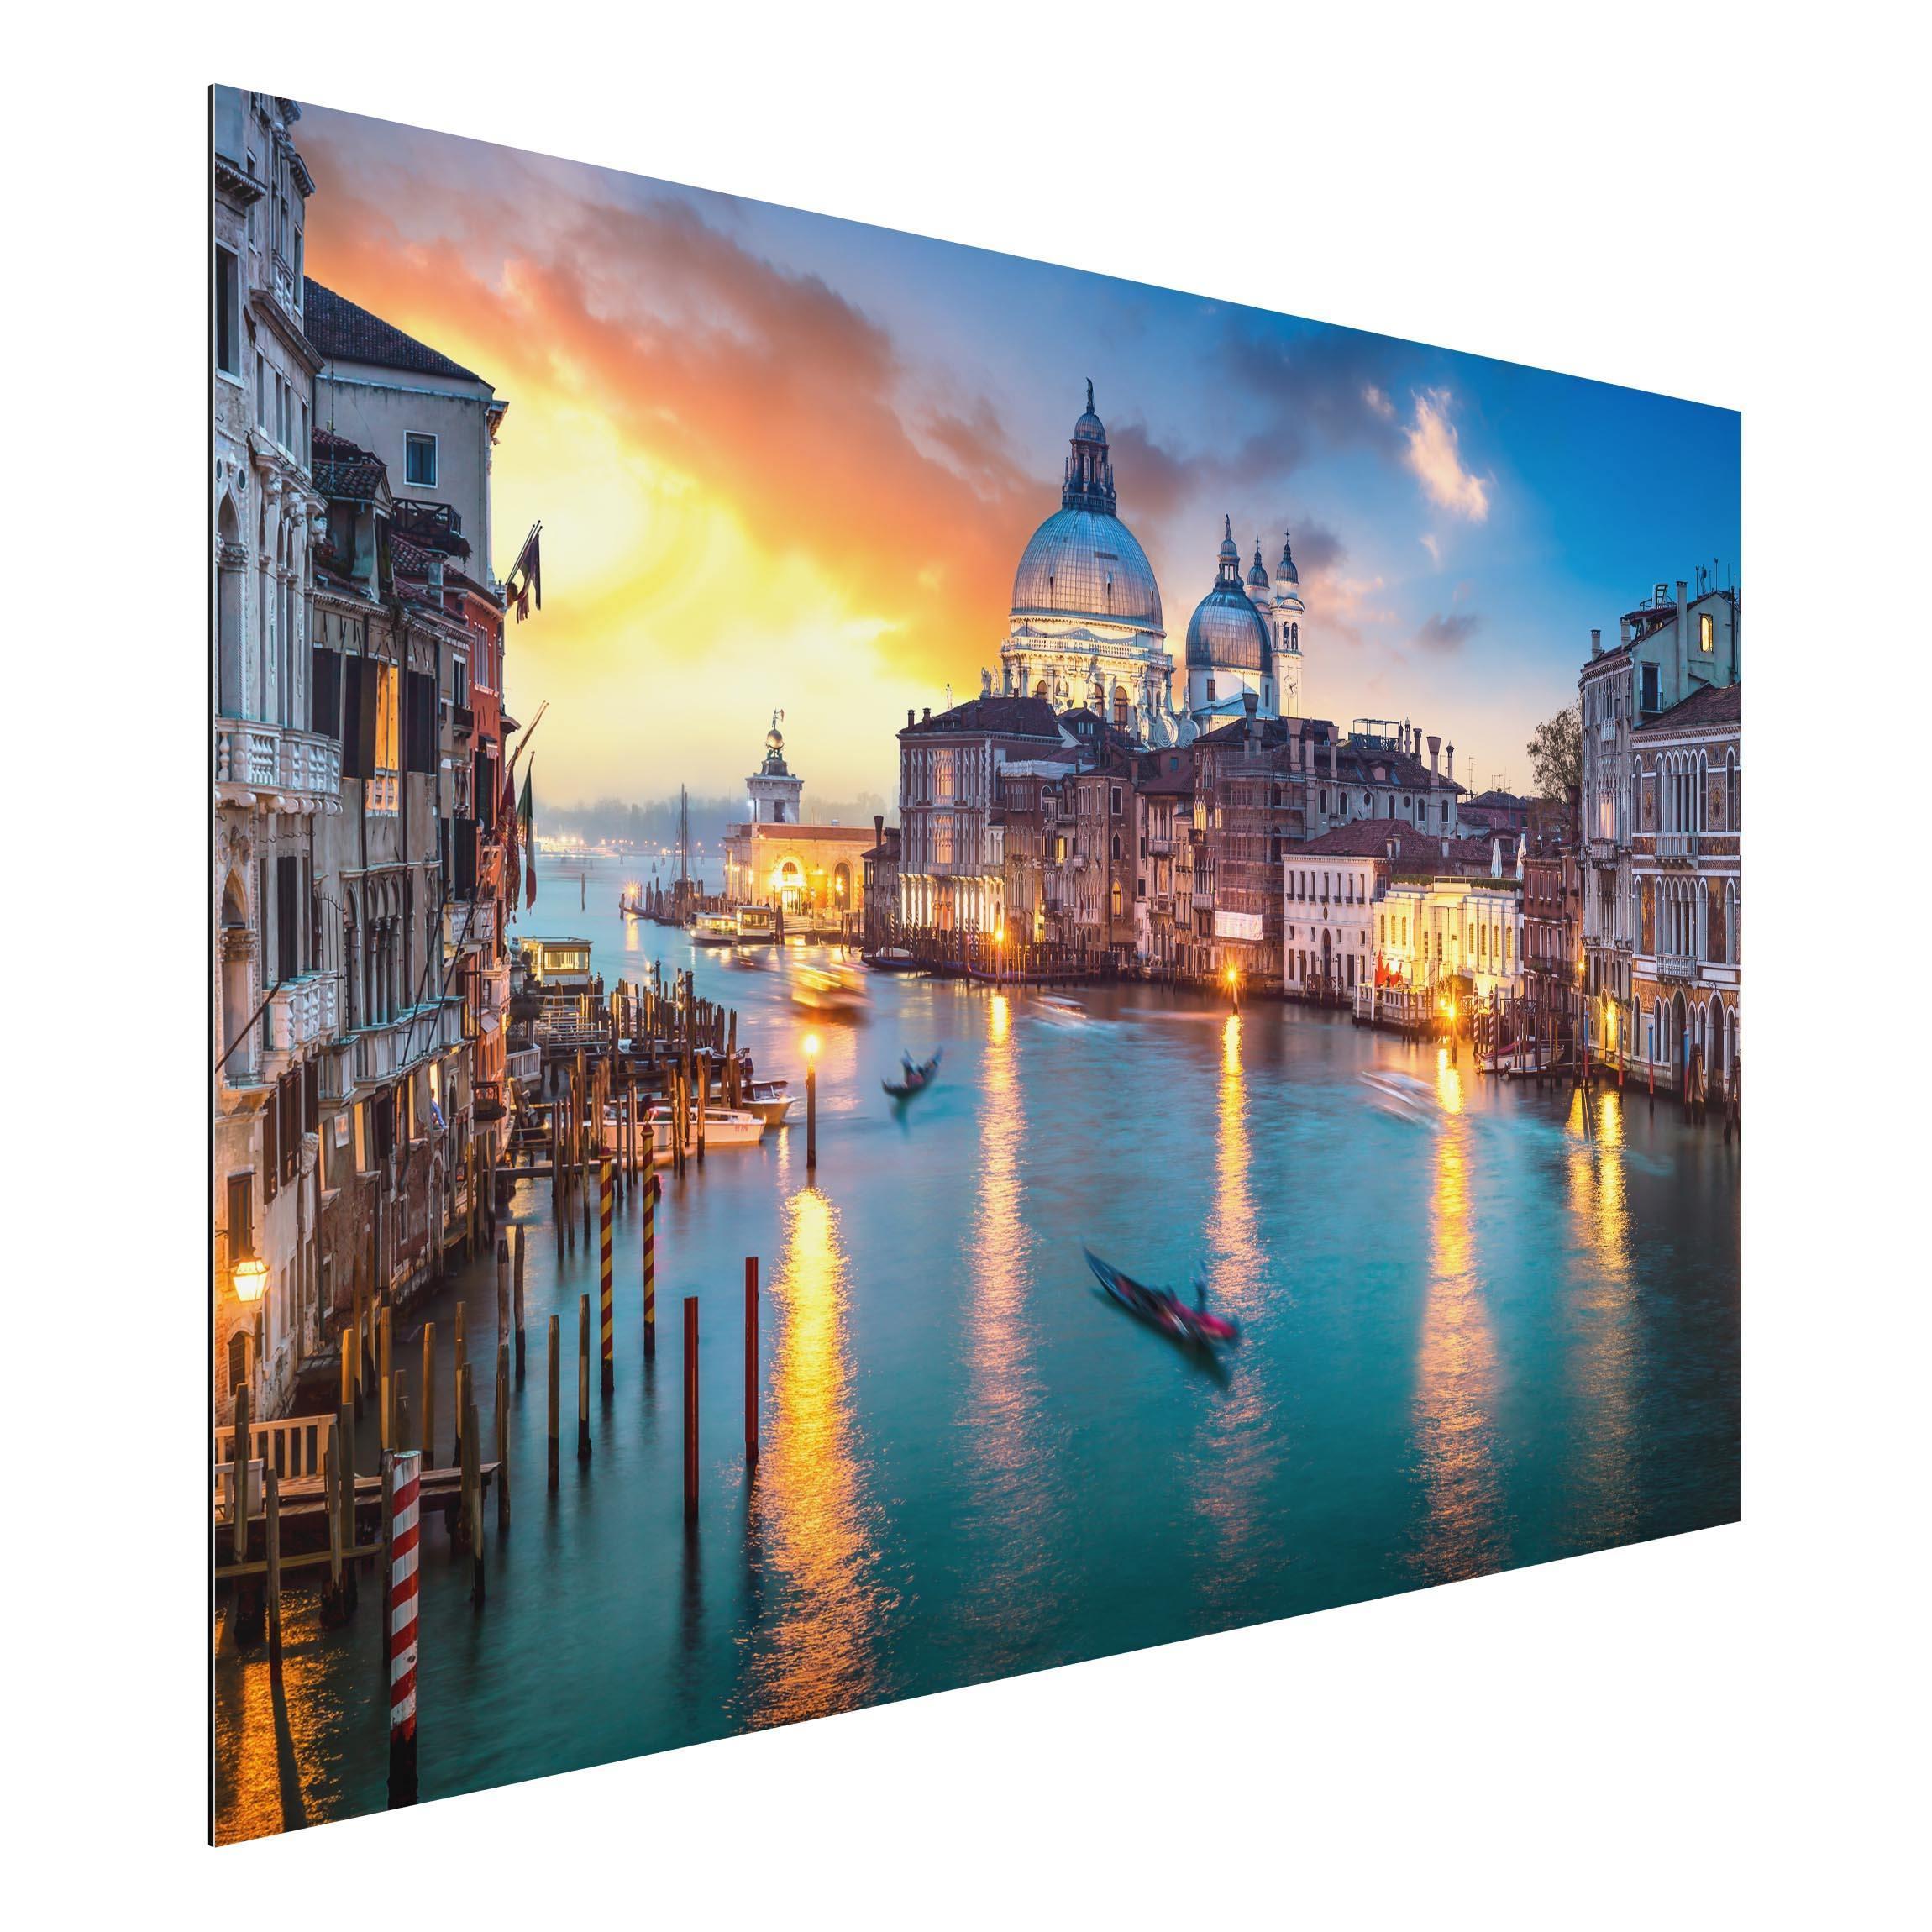 Alu-Dibond Bild Sunset in Venice günstig online kaufen